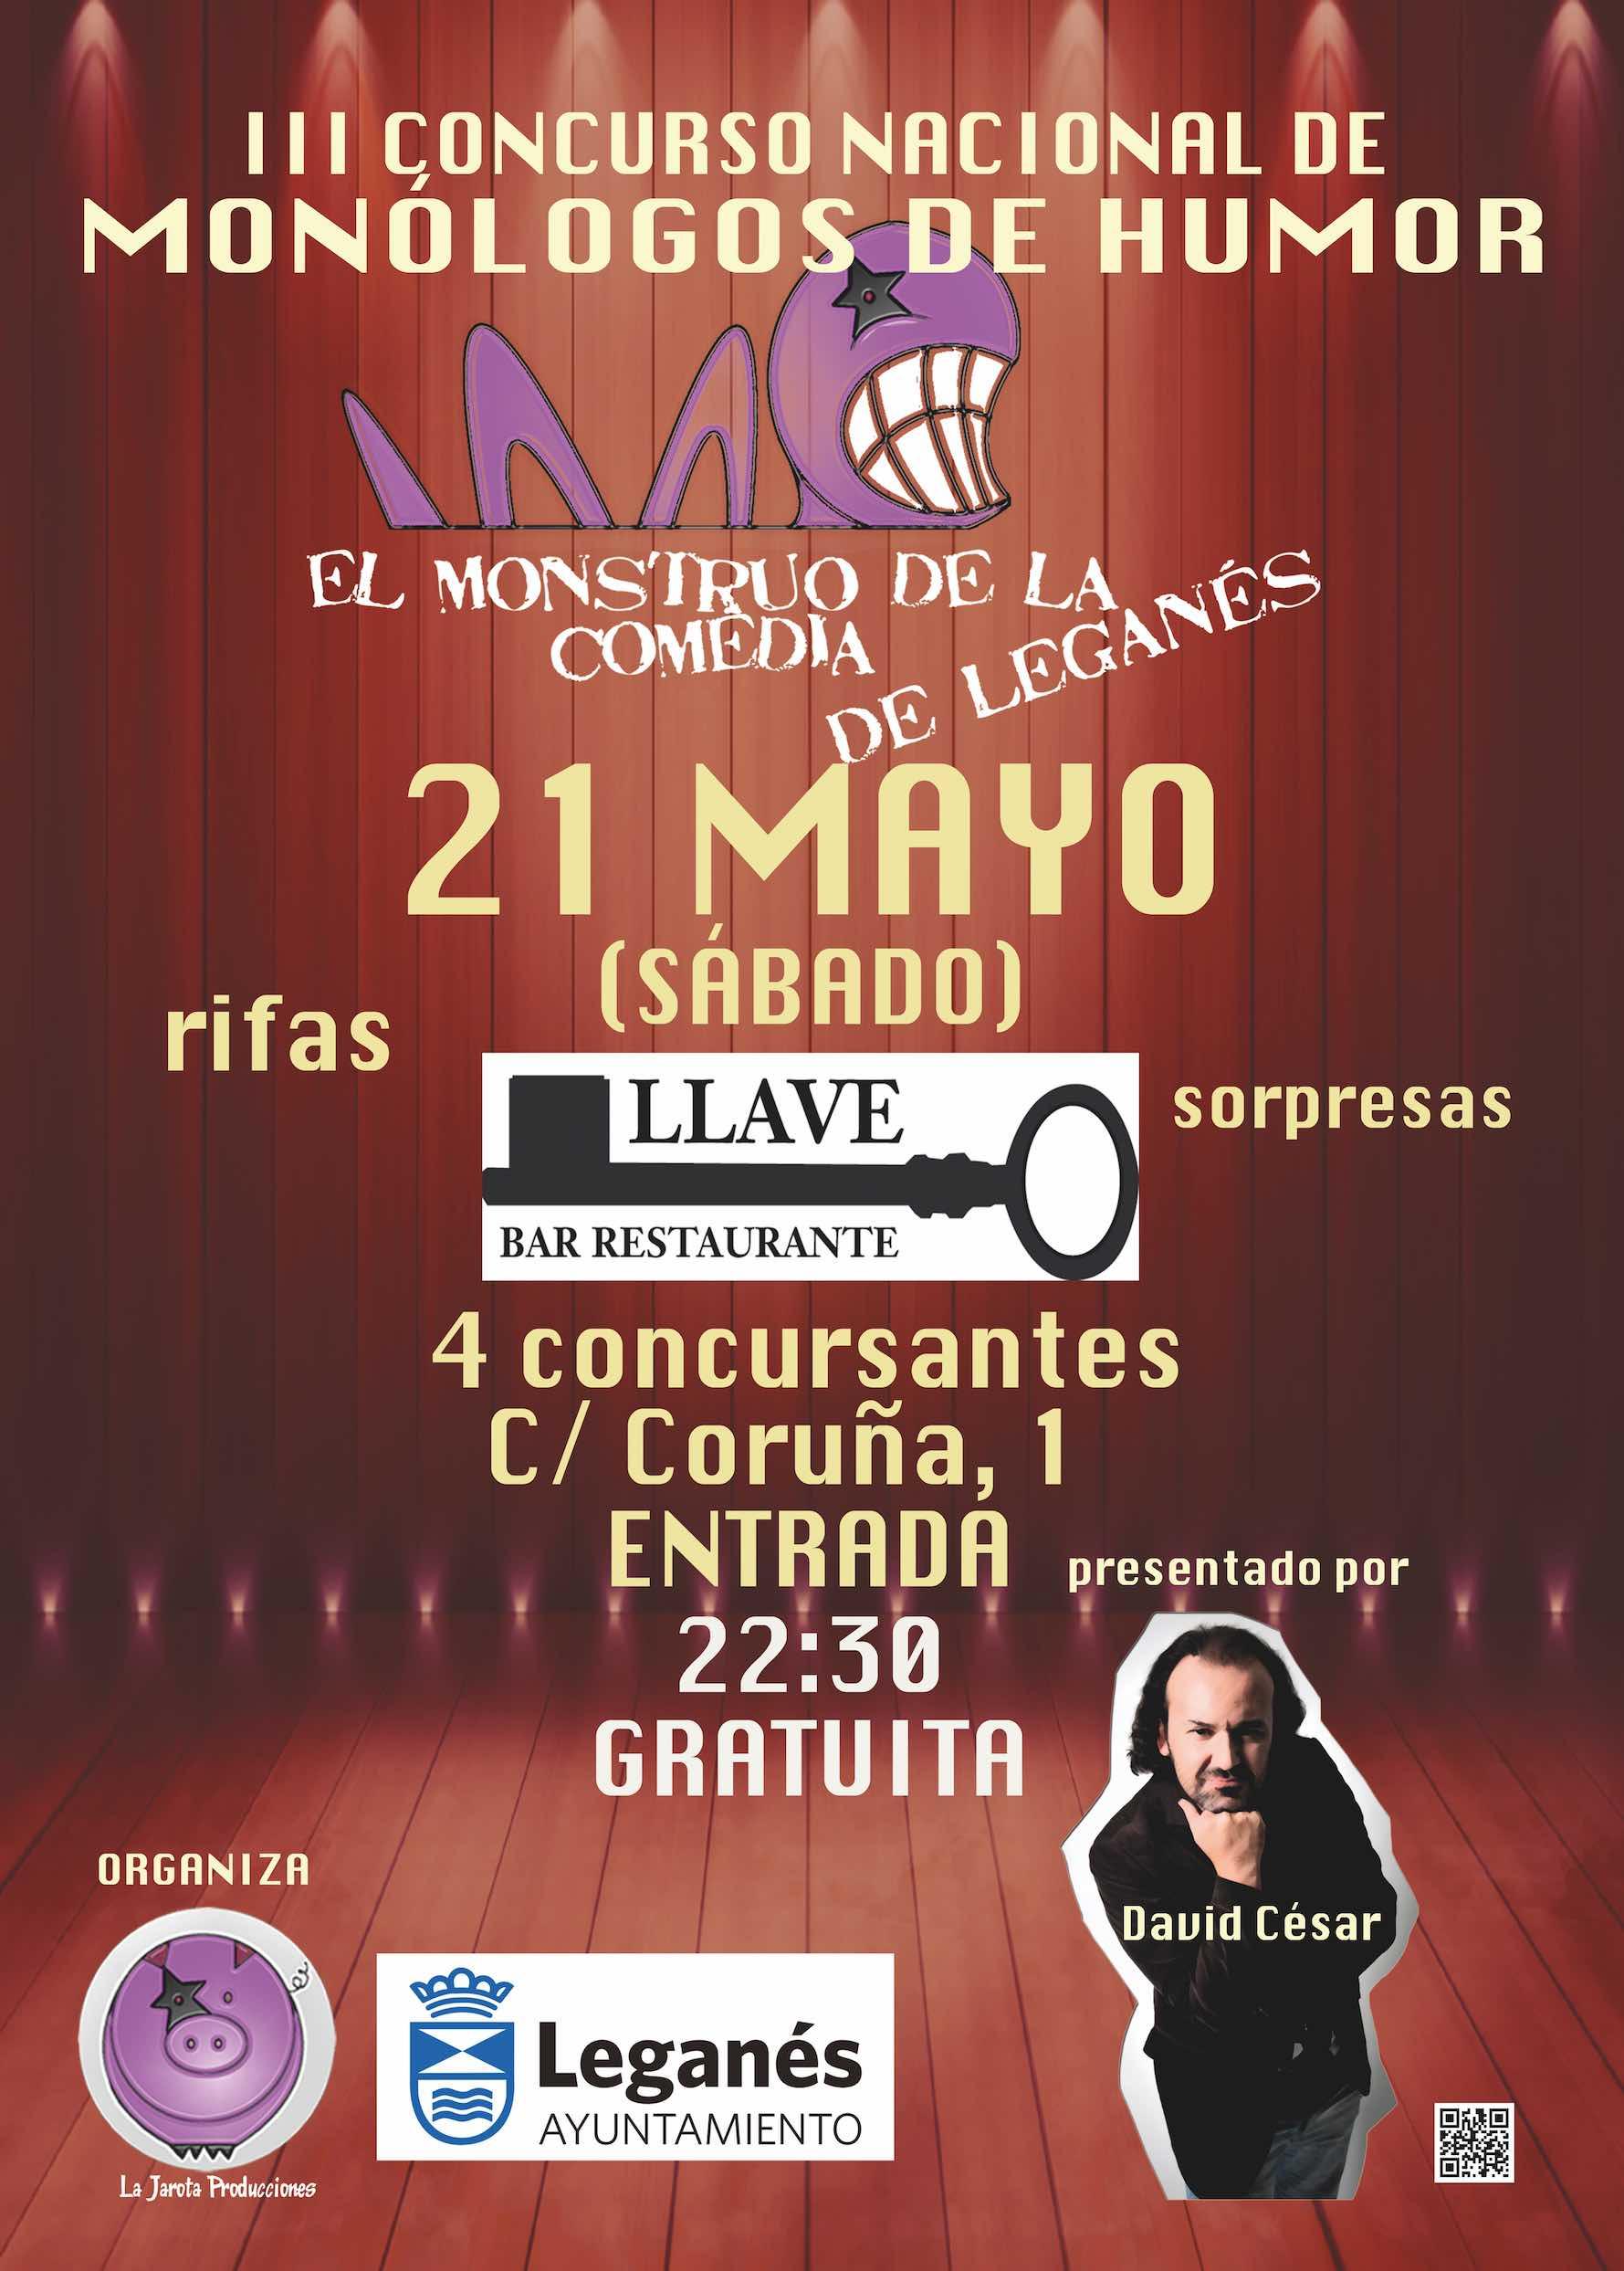 El Monstruo de la Comedia de Leganés - III ¡Segunda Semifinal!